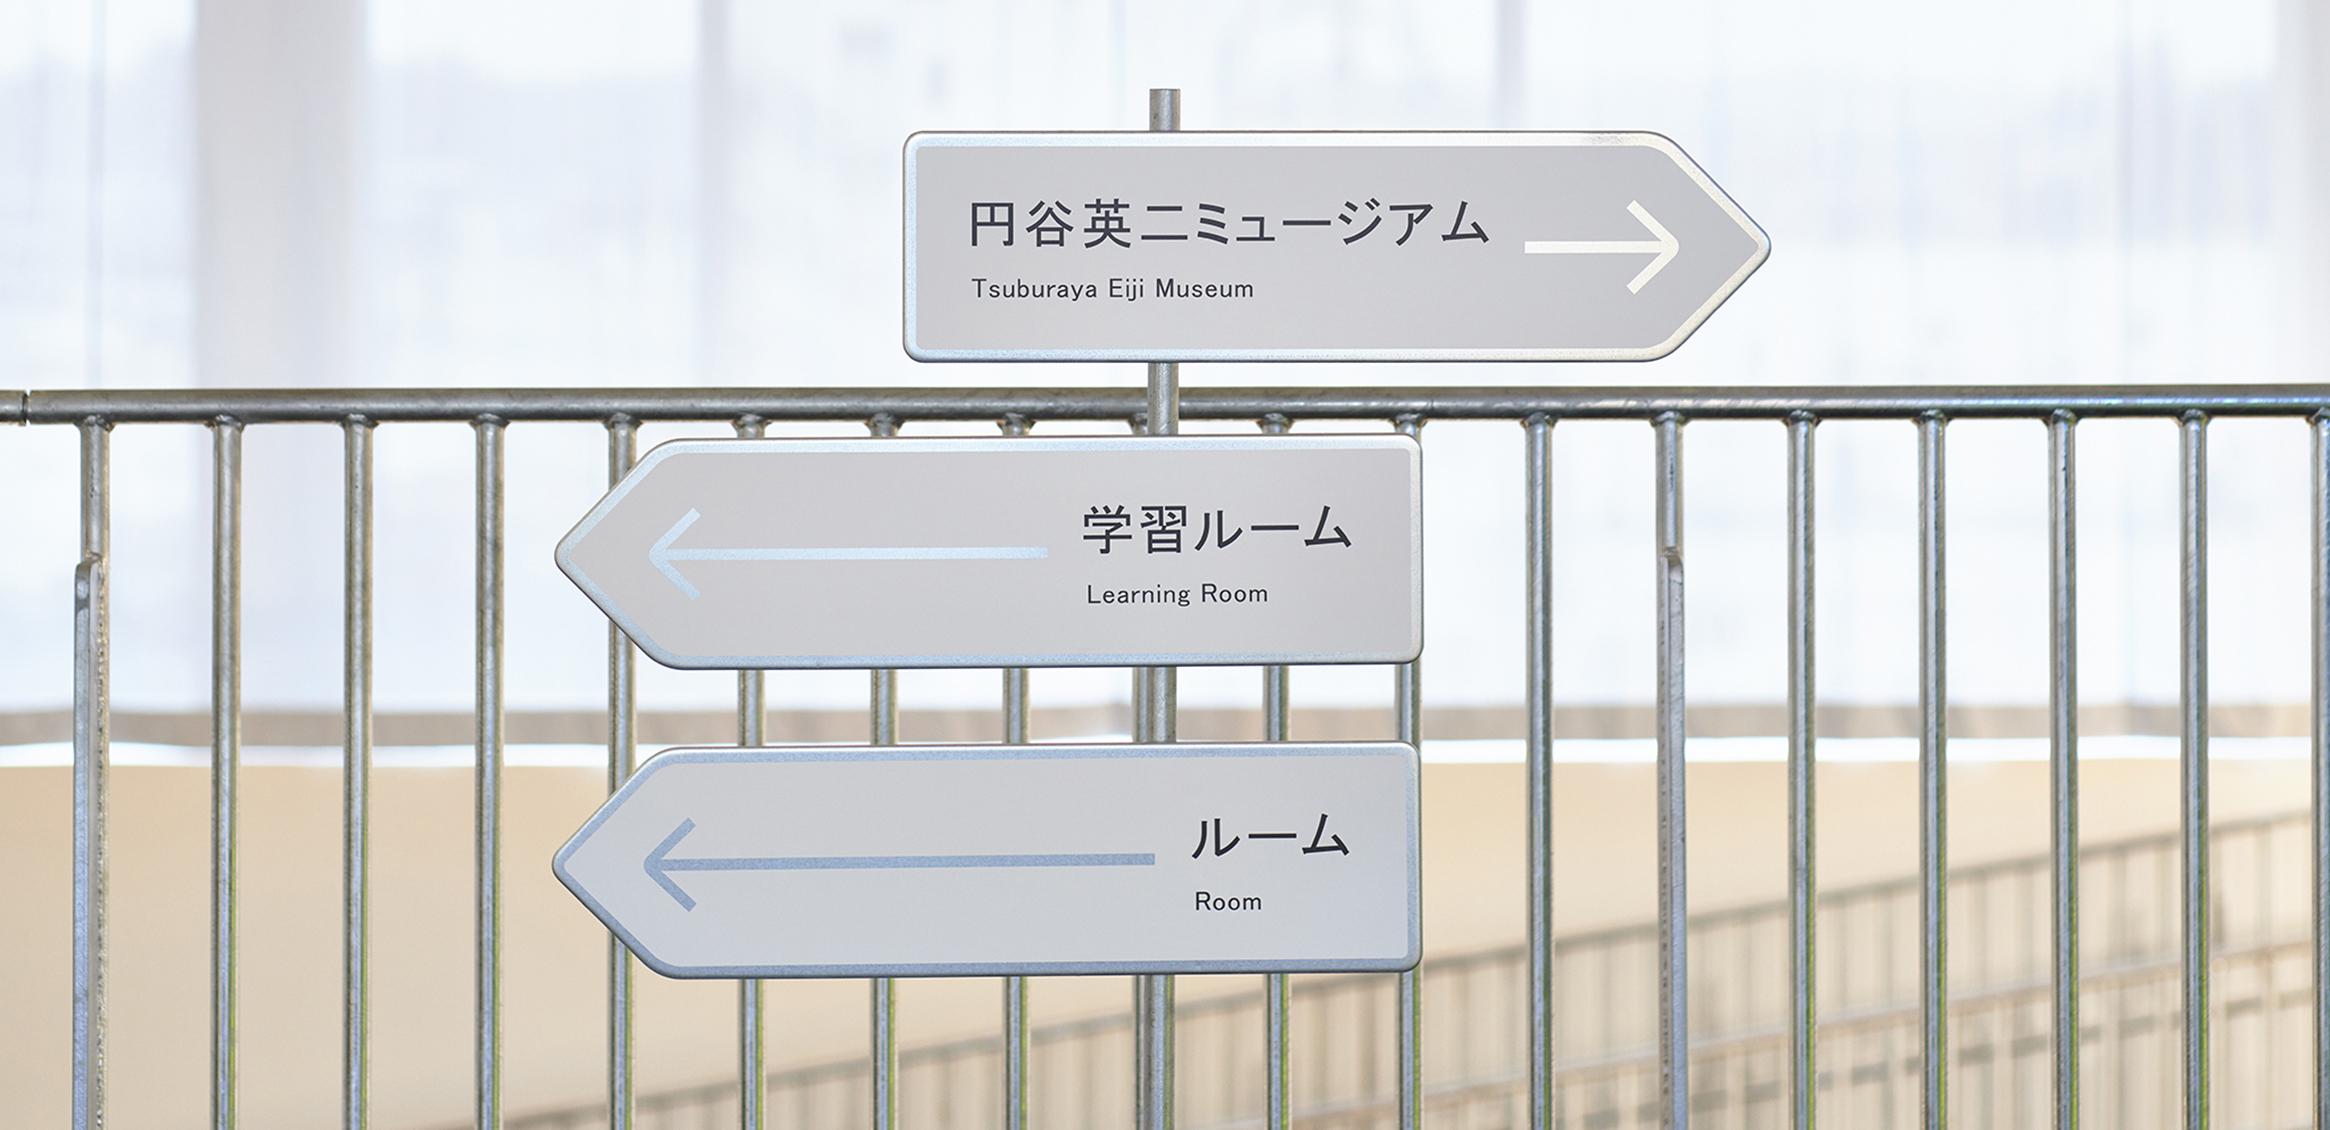 須賀川市民交流センターtette サイン計画3枚目